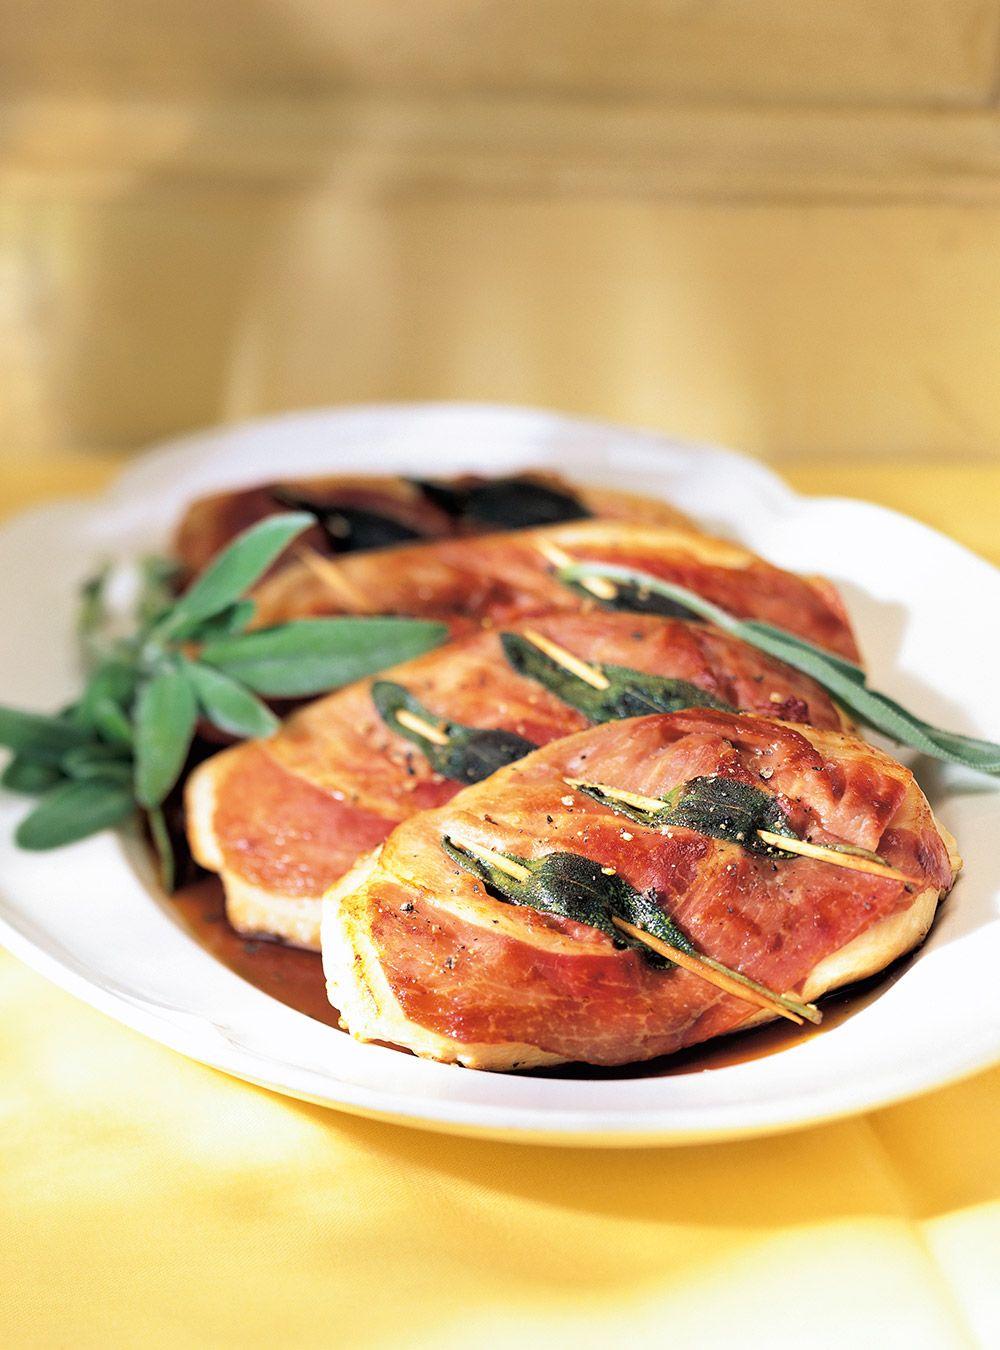 Recette de Ricardo de saltimbocca de poulet.  Cette recette de poulet italien est très simple et rapide à préparer et est un délice pour les amateurs de cuisine étrangère.